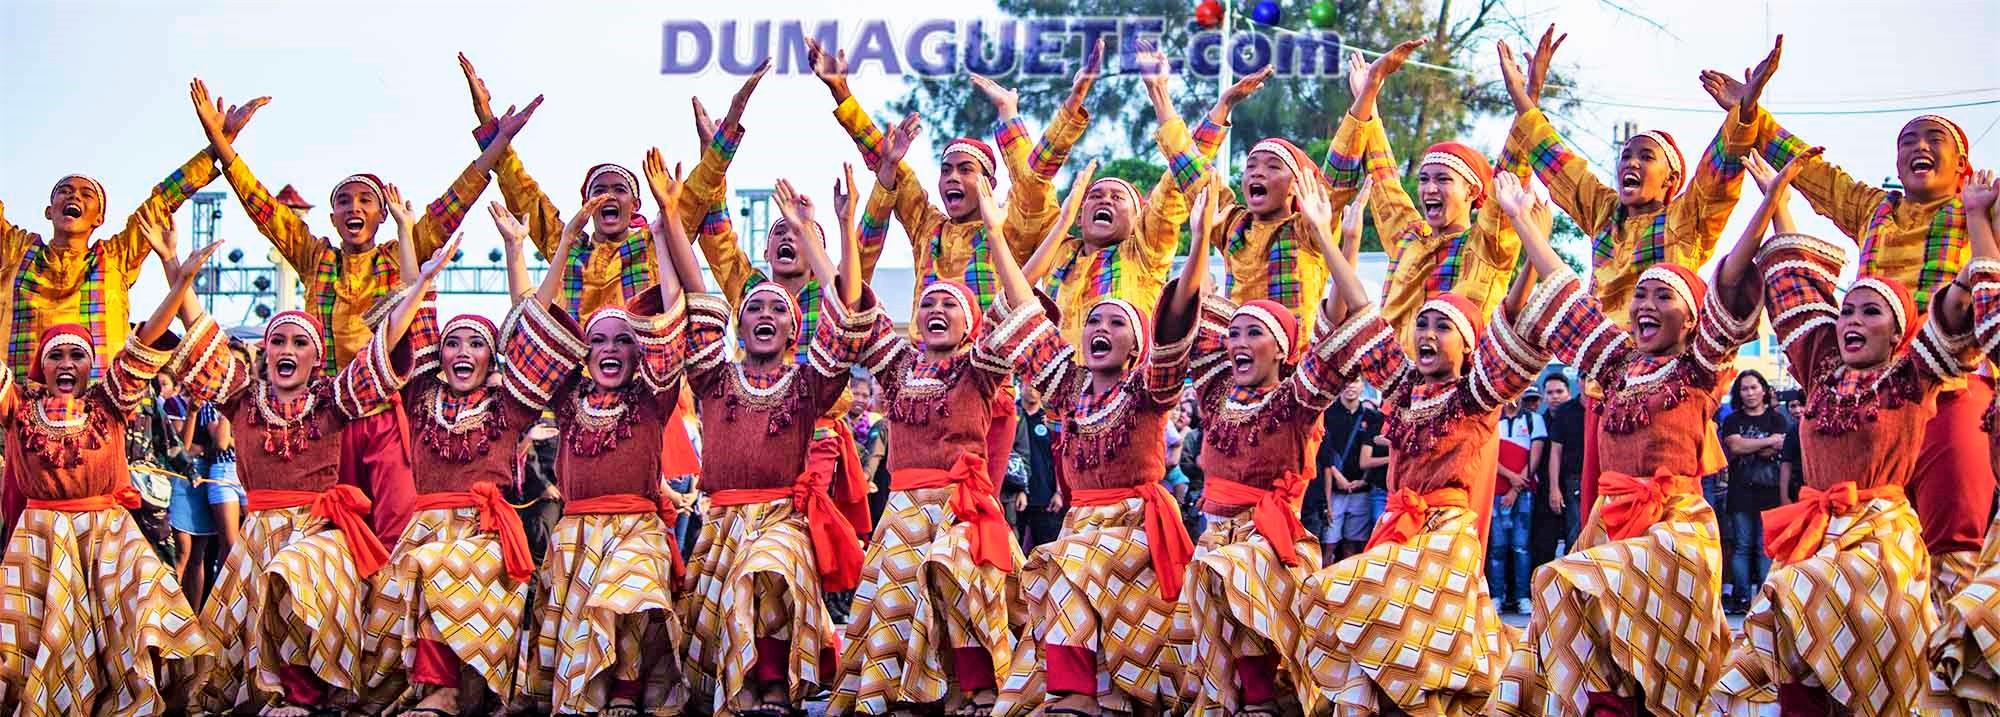 Dumaguete City - Sandurot Festival 2019 - Showdown